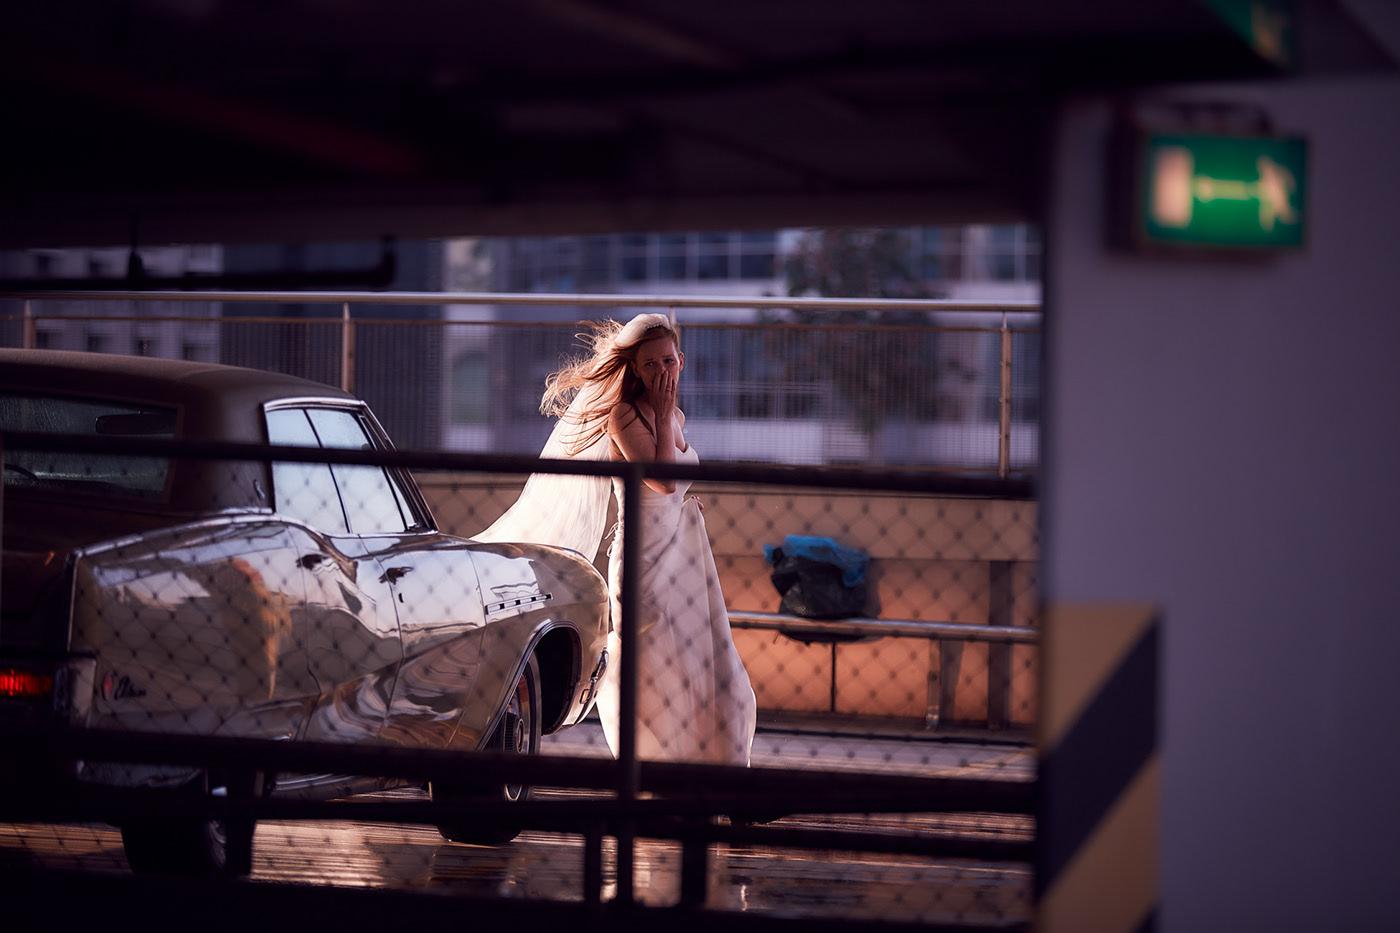 THE BRIDE / фотограф Per Kasch